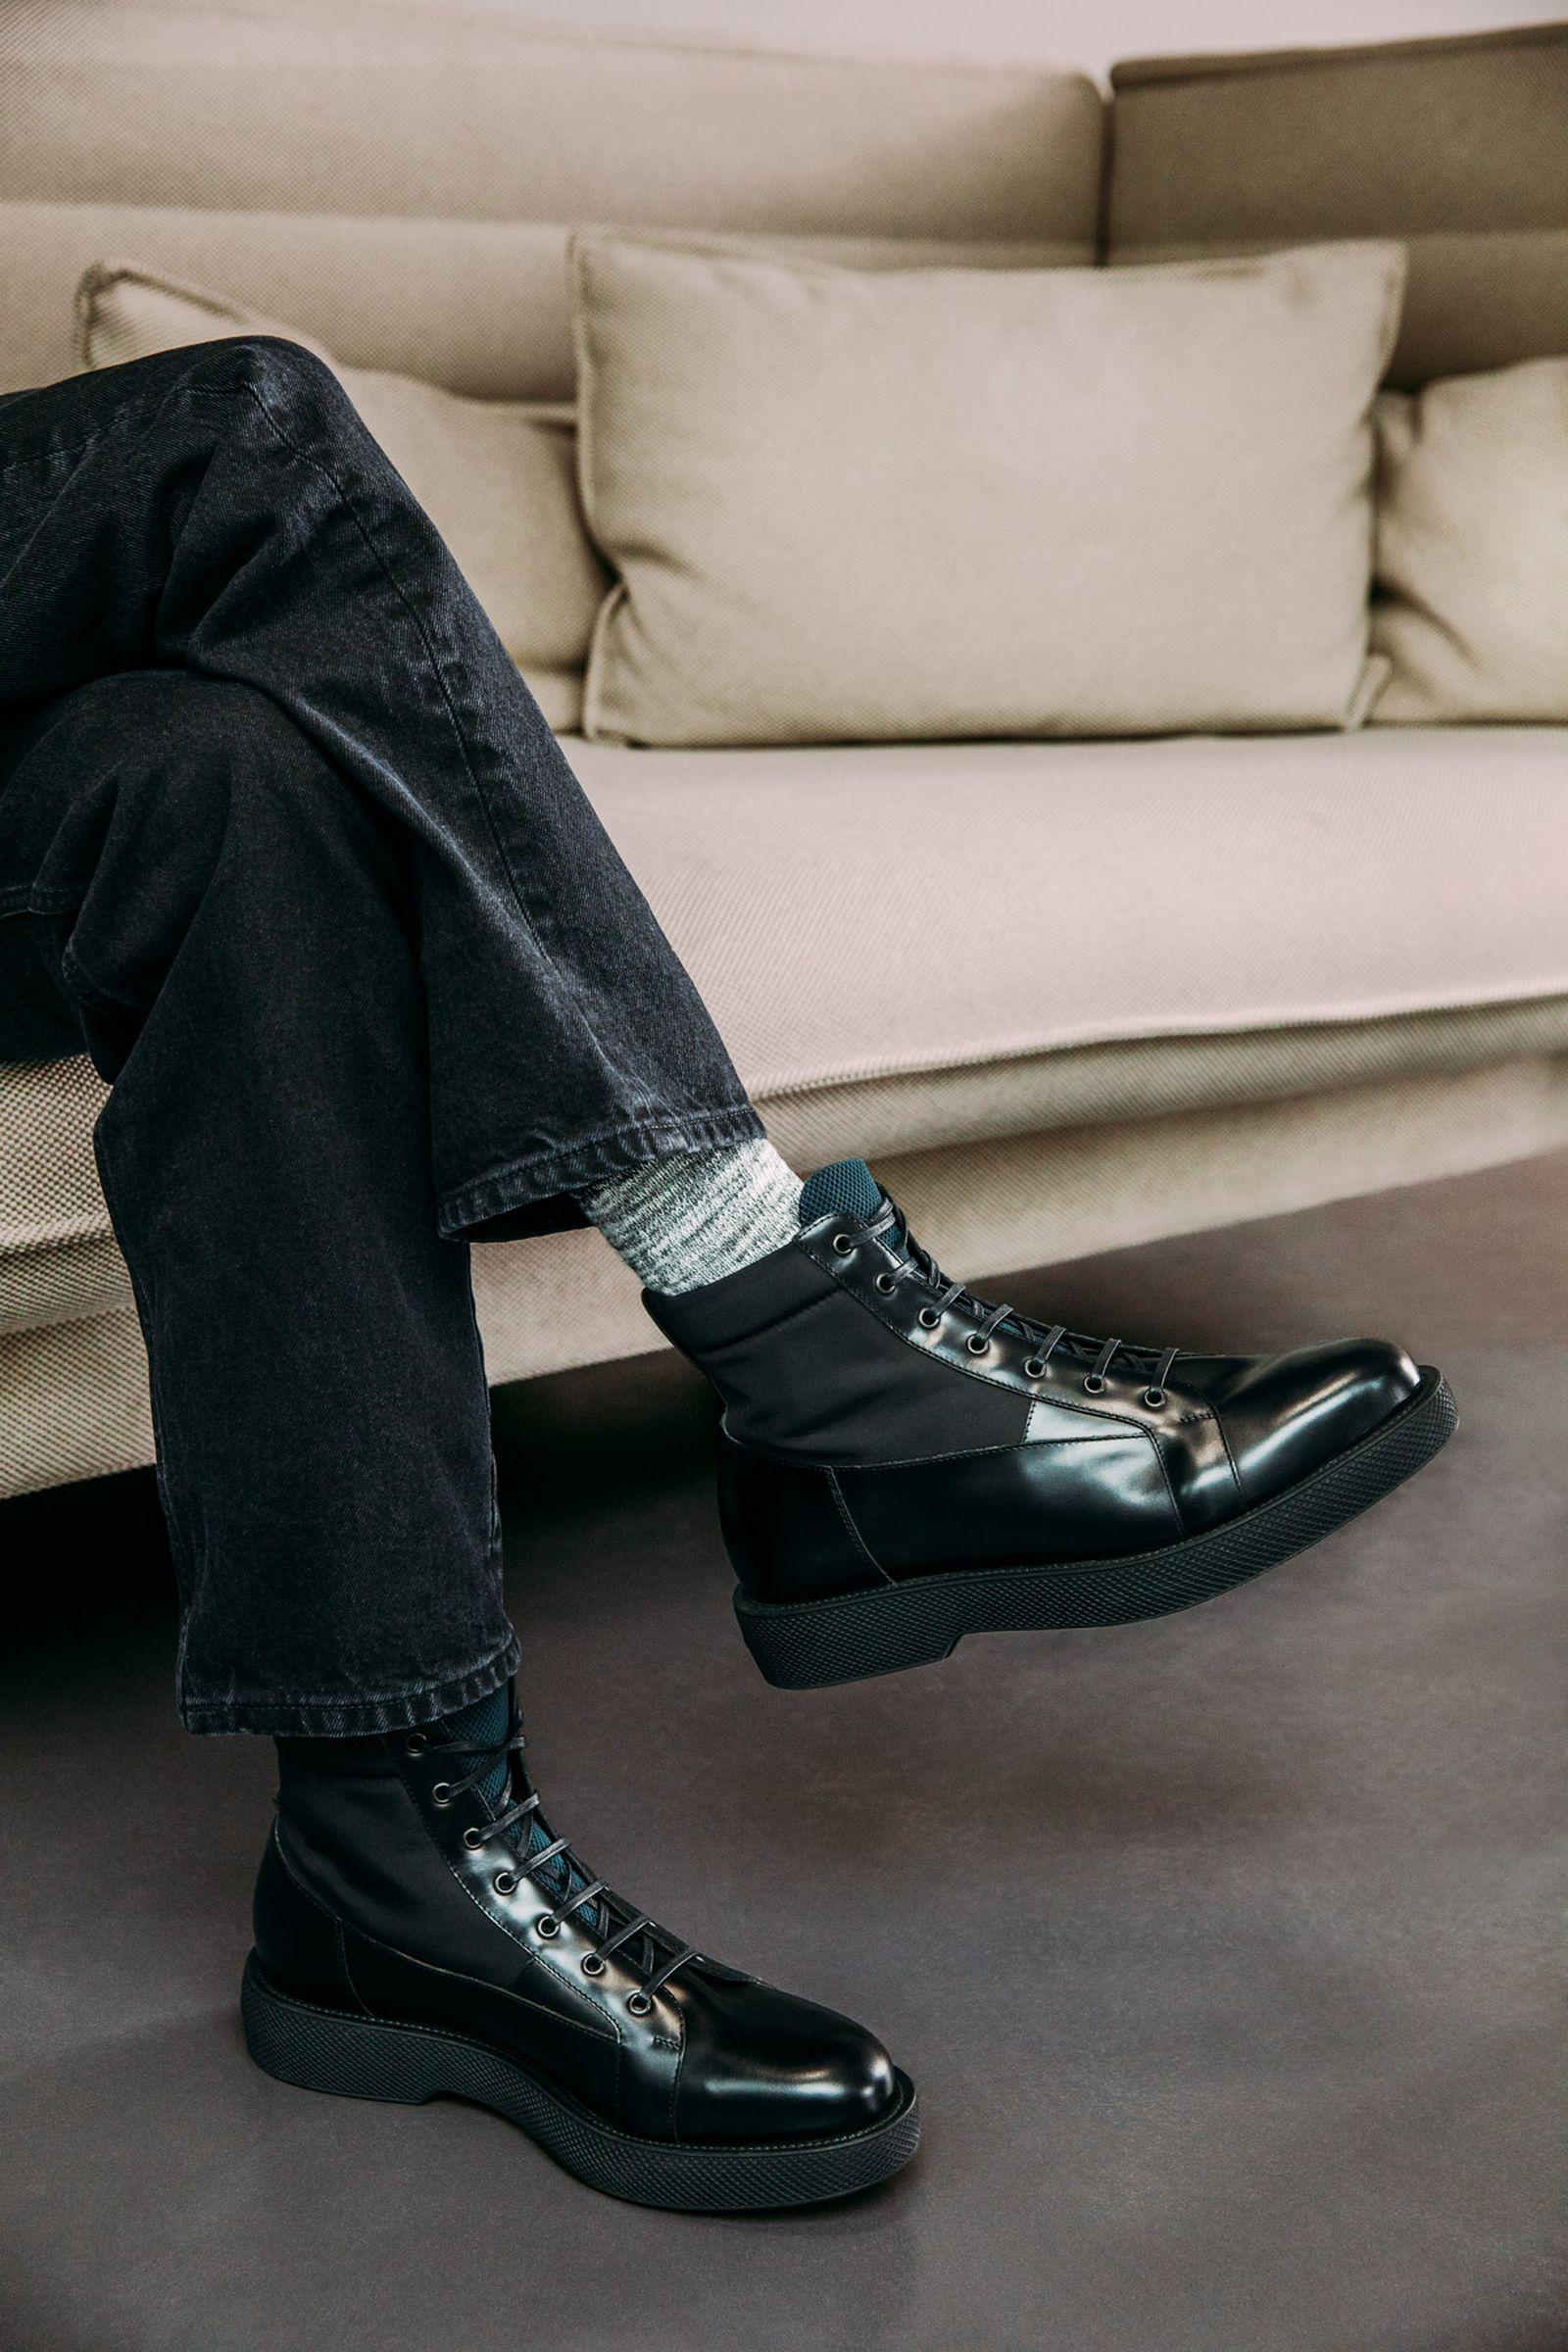 ferragamo-footwear-style-guide-12